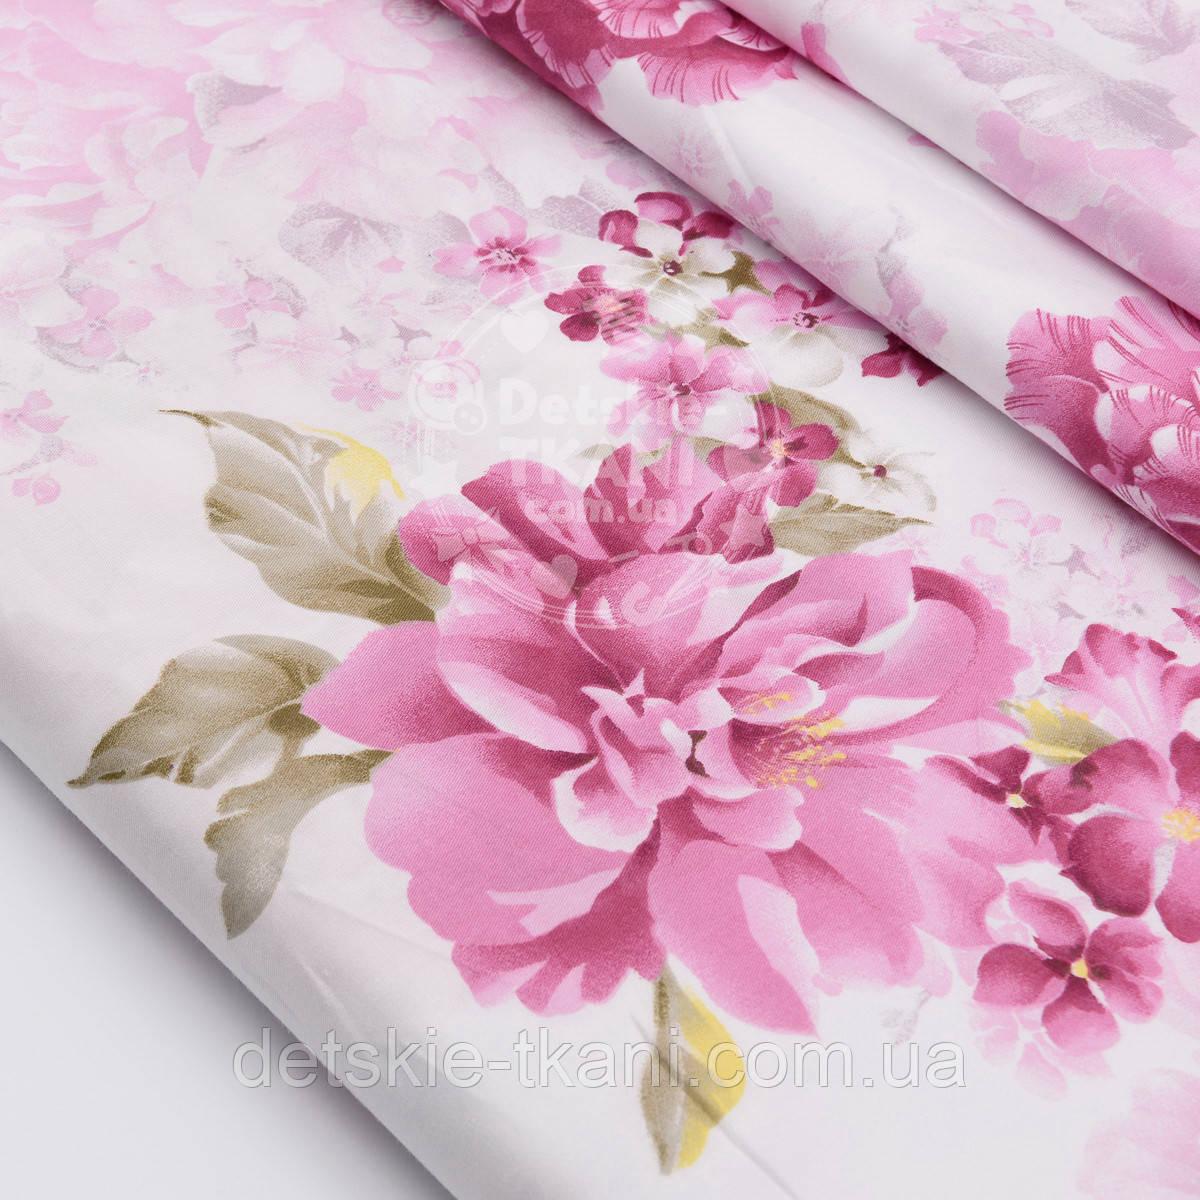 """Отрез сатина """"Крупные розовые пионы"""" №1509с, размер 120*160 см"""